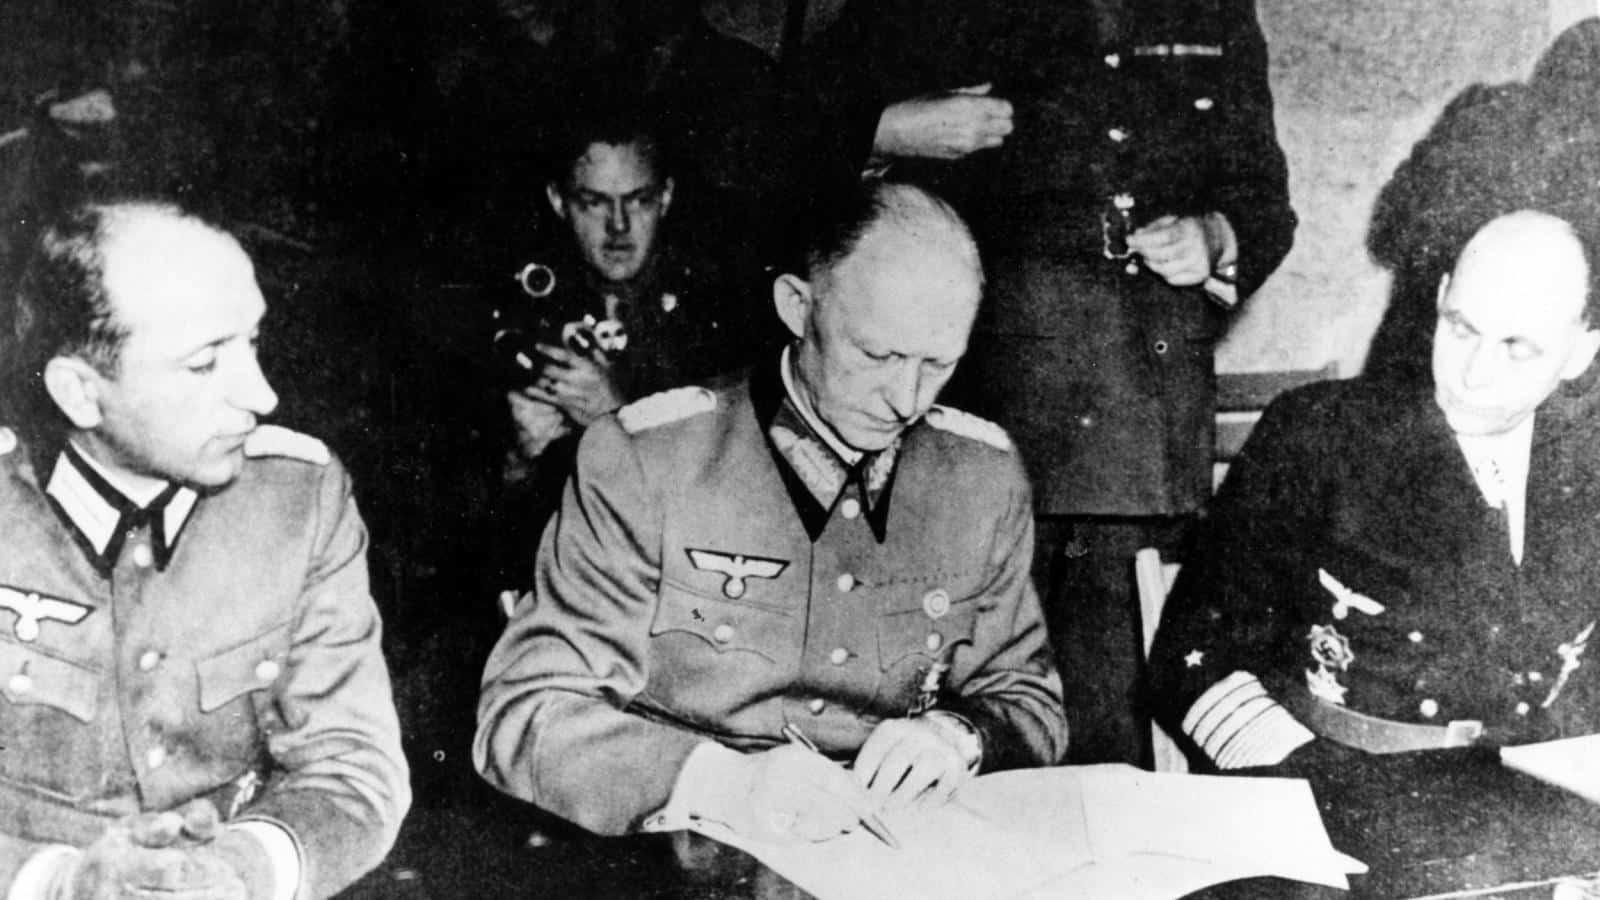 Před 75 lety složila Evropa zbraně. Dvakrát podepsaná kapitulace ale poukázala na novou prohlubující se propast. 1